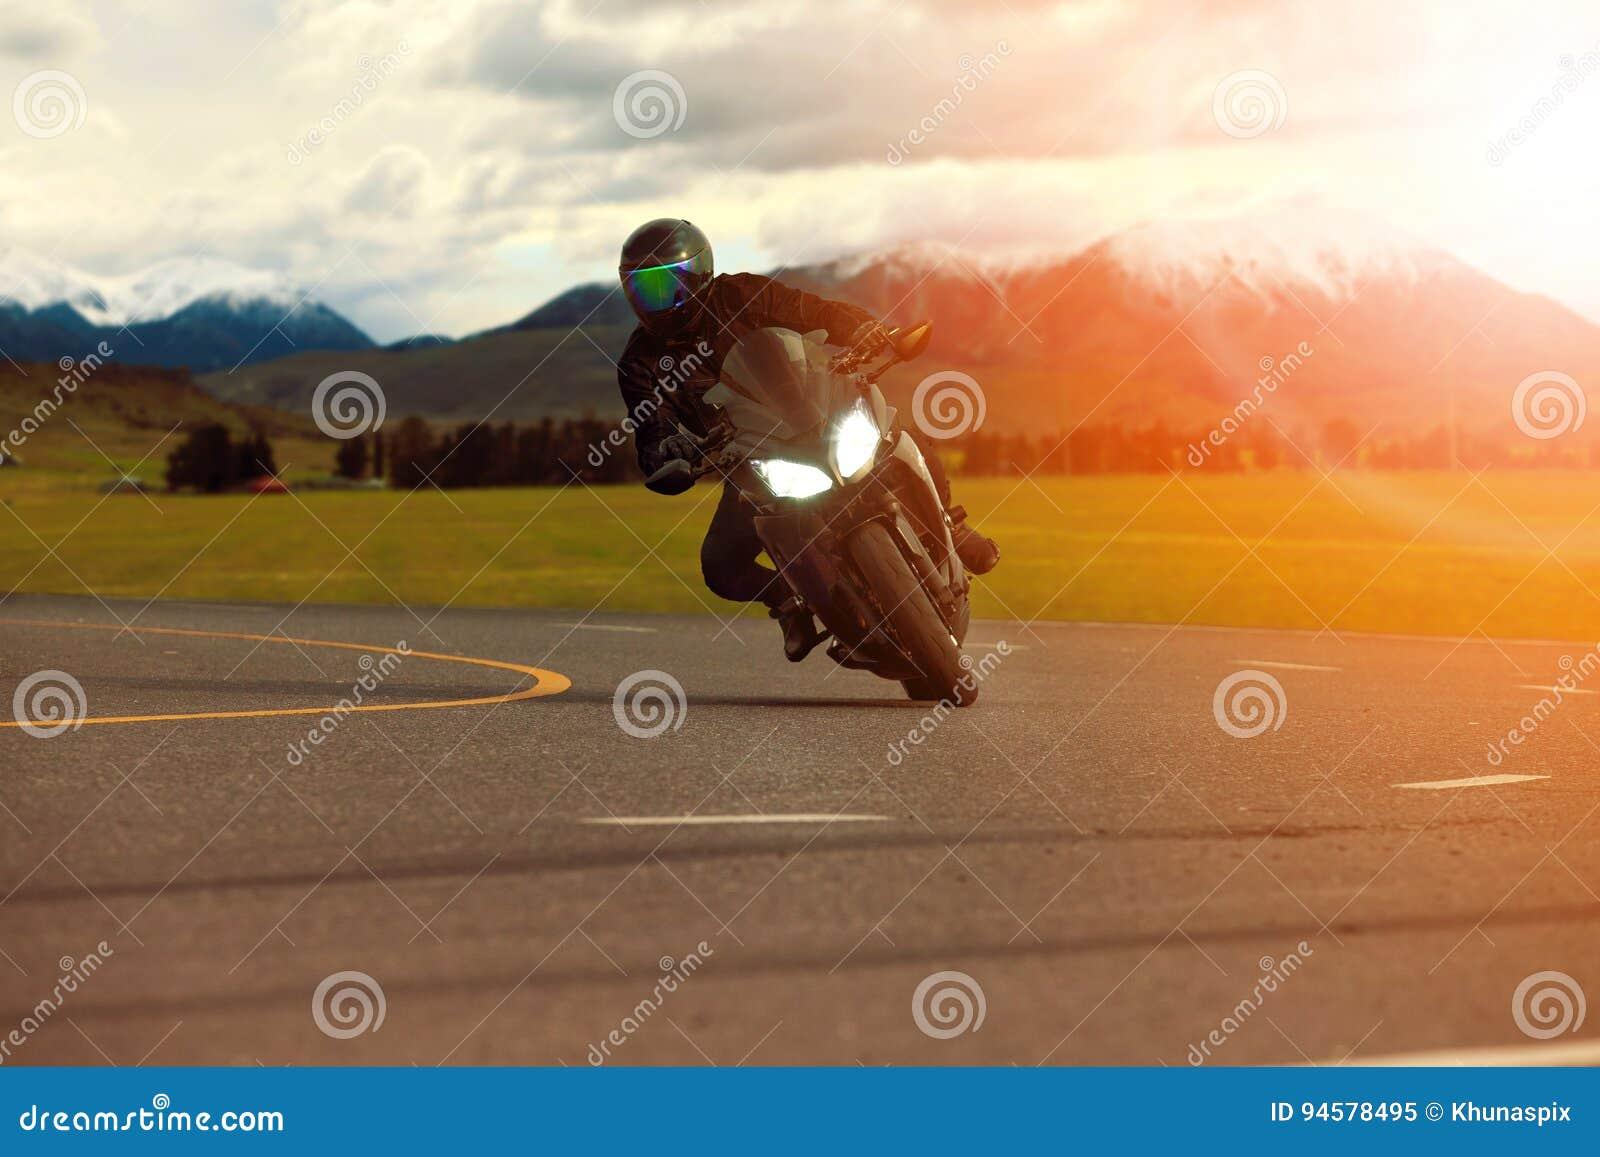 Equipe a motocicleta do esporte da equitação que inclina-se na curva afiada com travelin